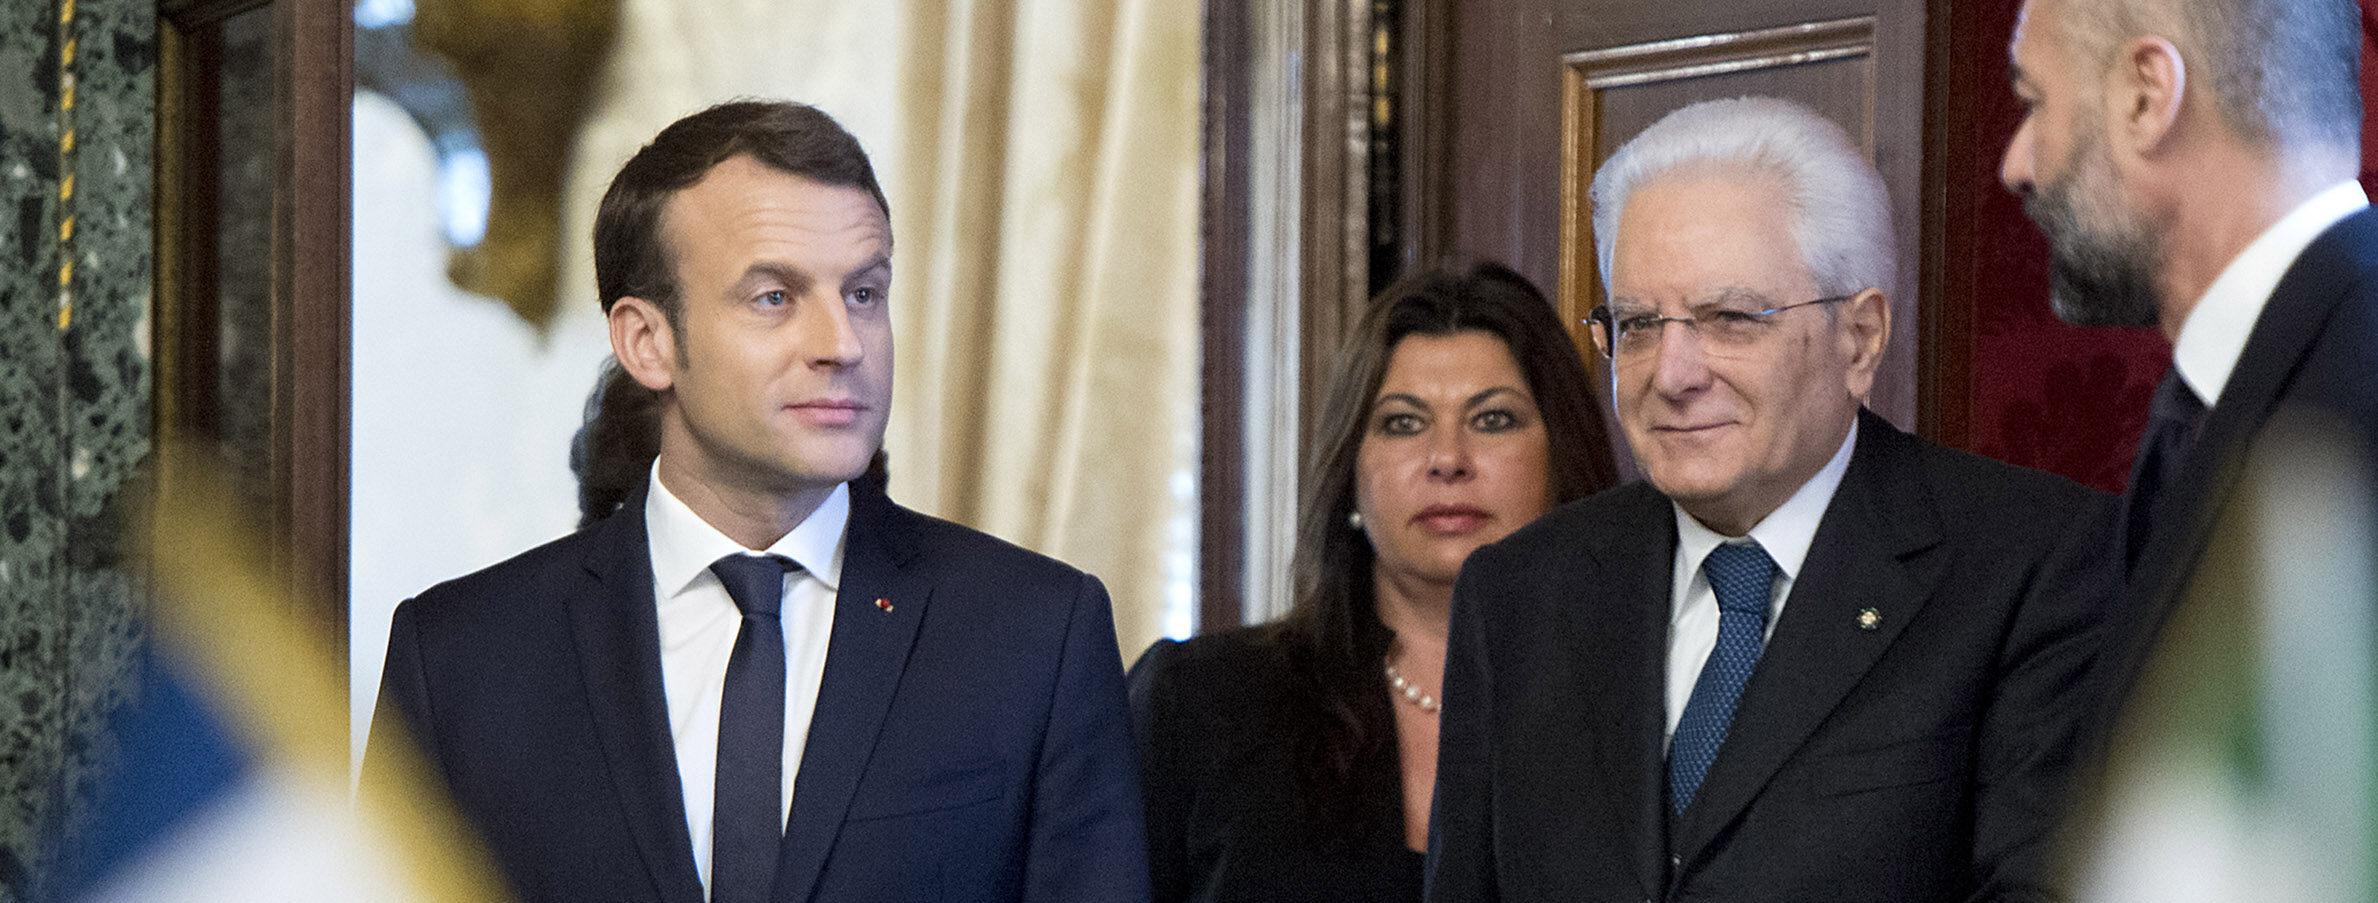 Il presidente francese Emmanuel Macron incontra il presidente della Repubblica italiana Sergio Mattarella (LaPresse)